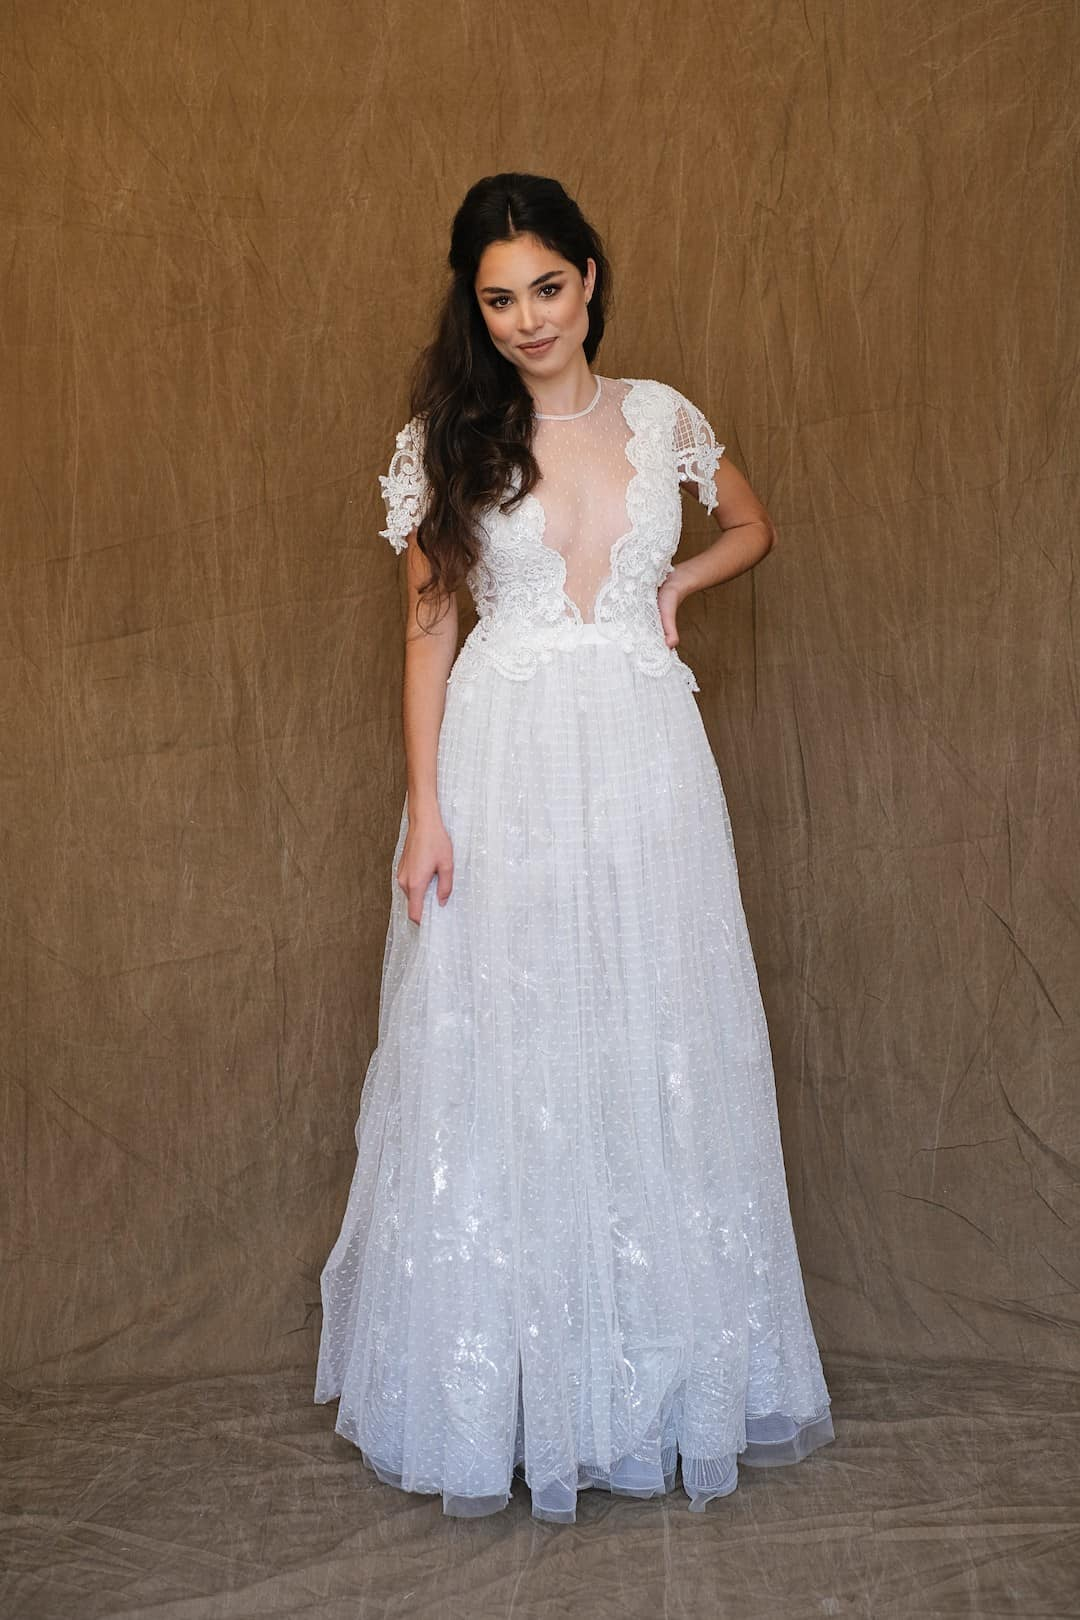 Romantisches Hochzeitskleid - Marco&Maria - 2017-1007-front